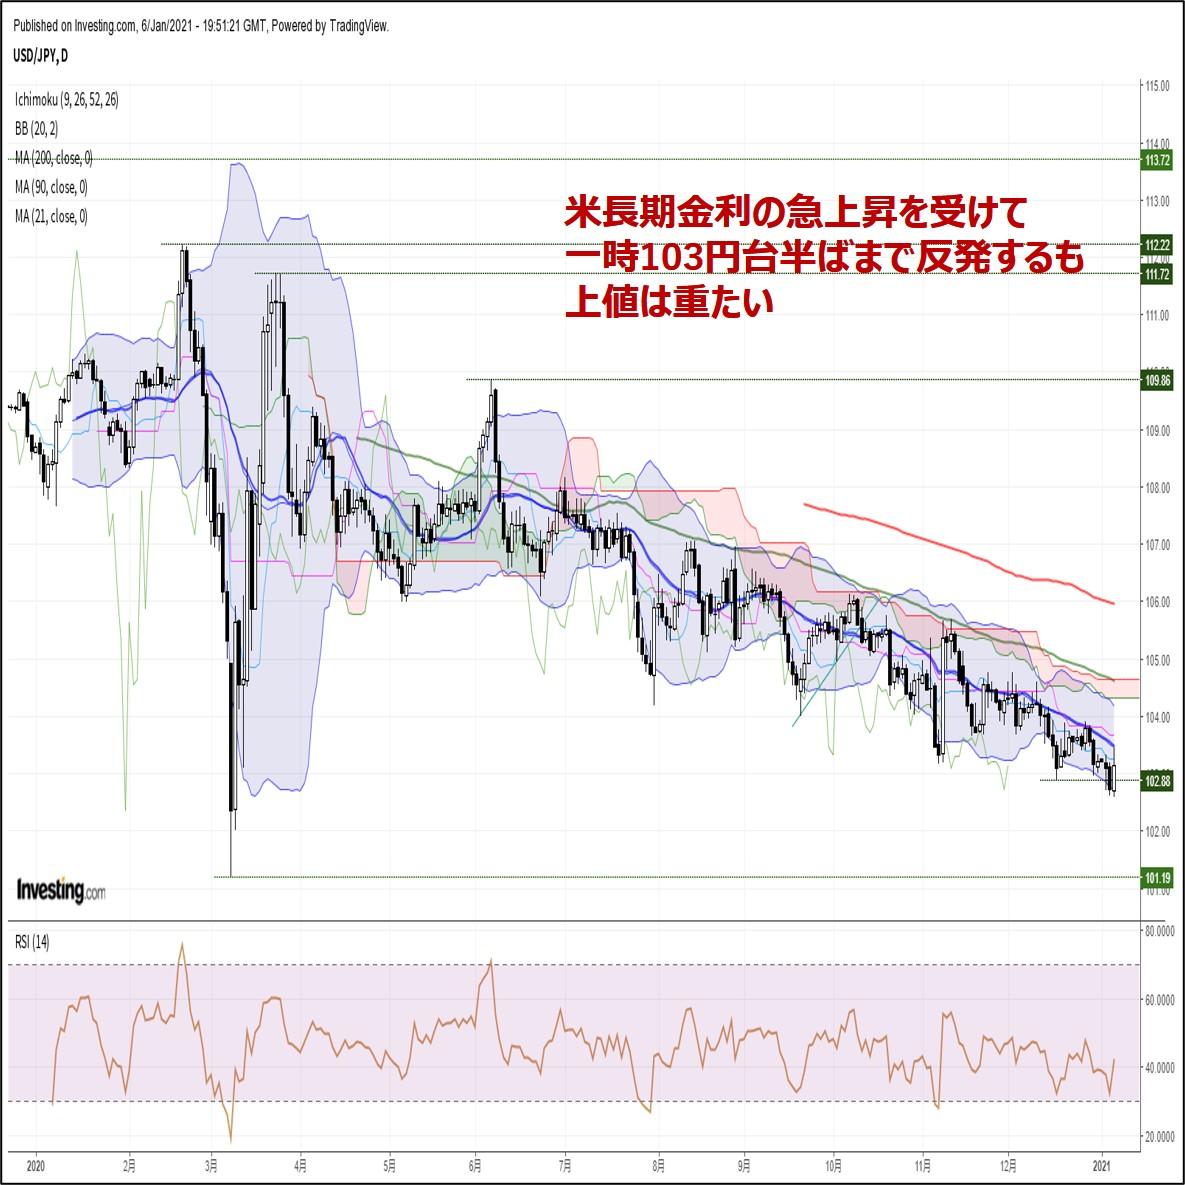 ドル円、米長期金利の上昇を受けて一時103円台半ばへ反発するも戻りは鈍い(1/7朝)